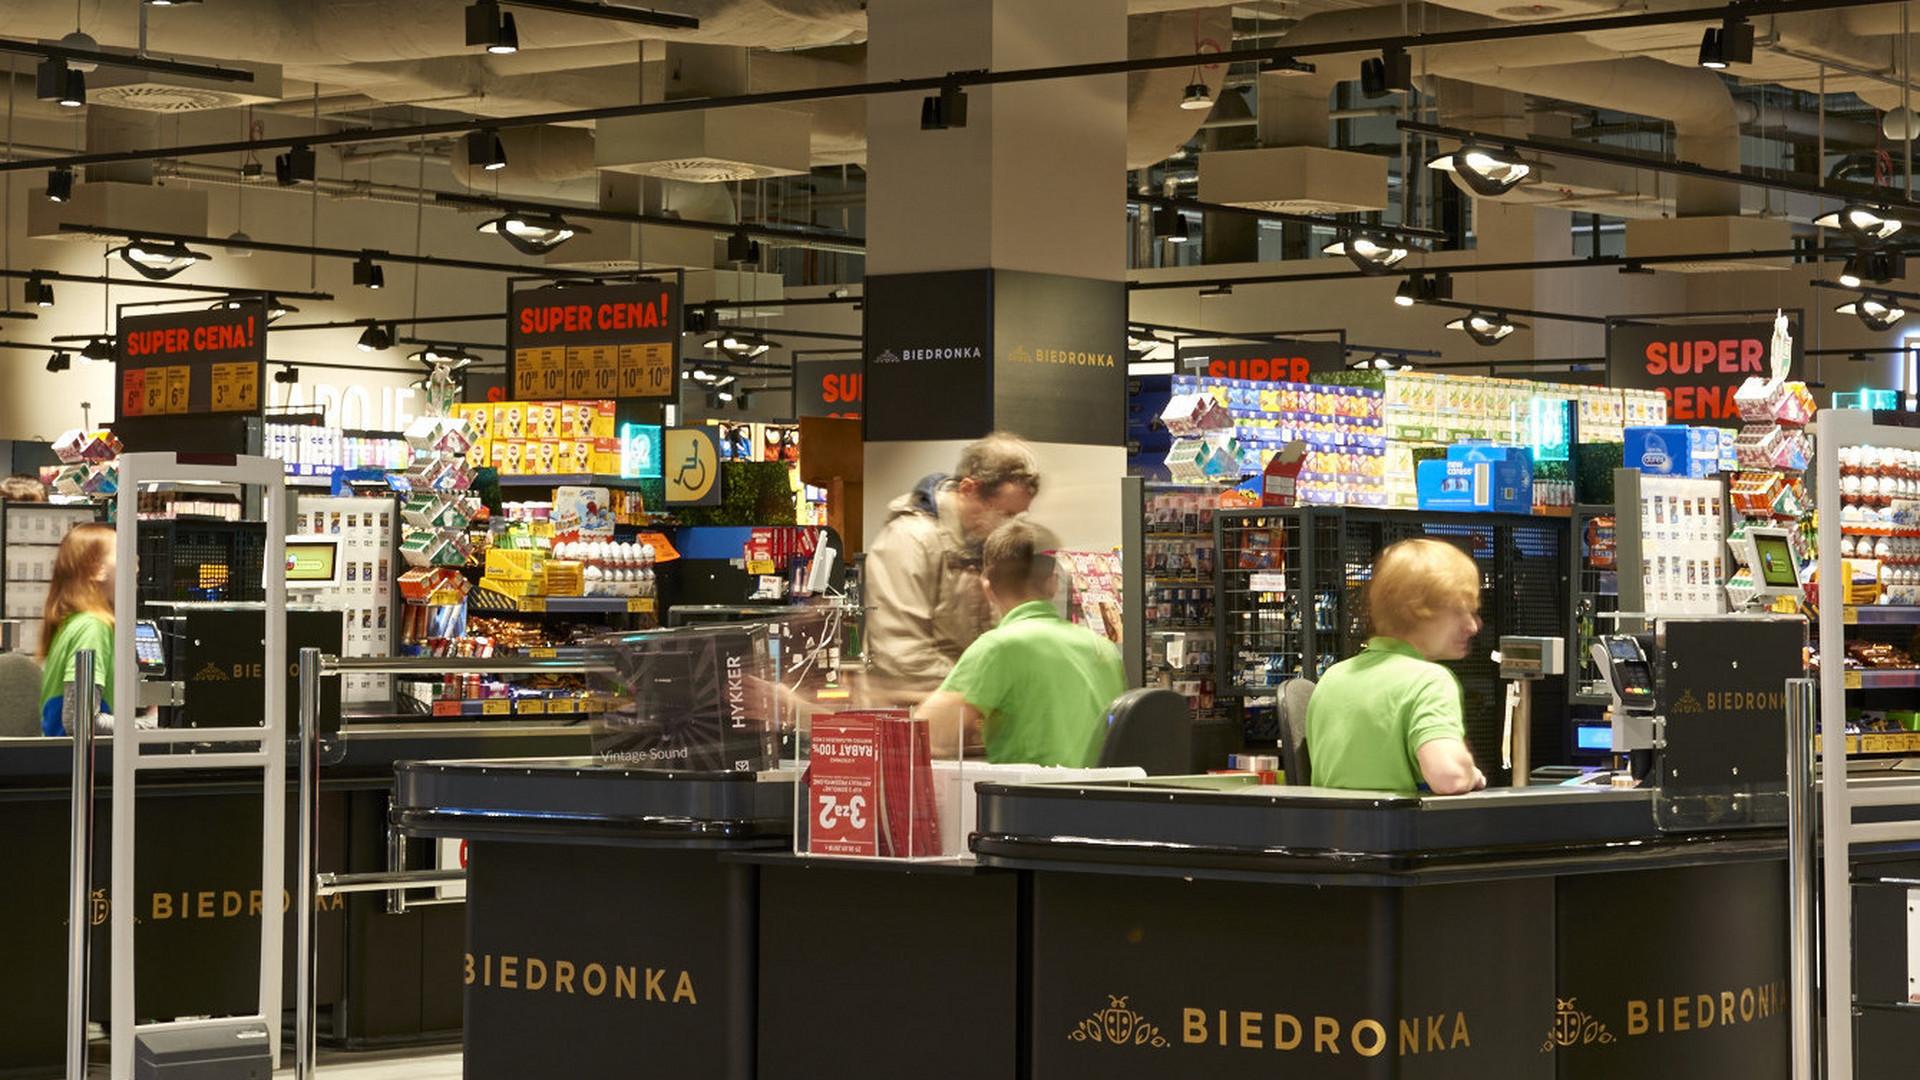 46954031 Biedronka Premium - gdzie są sklepy? Jak wygląda? Zdjęcia - Noizz